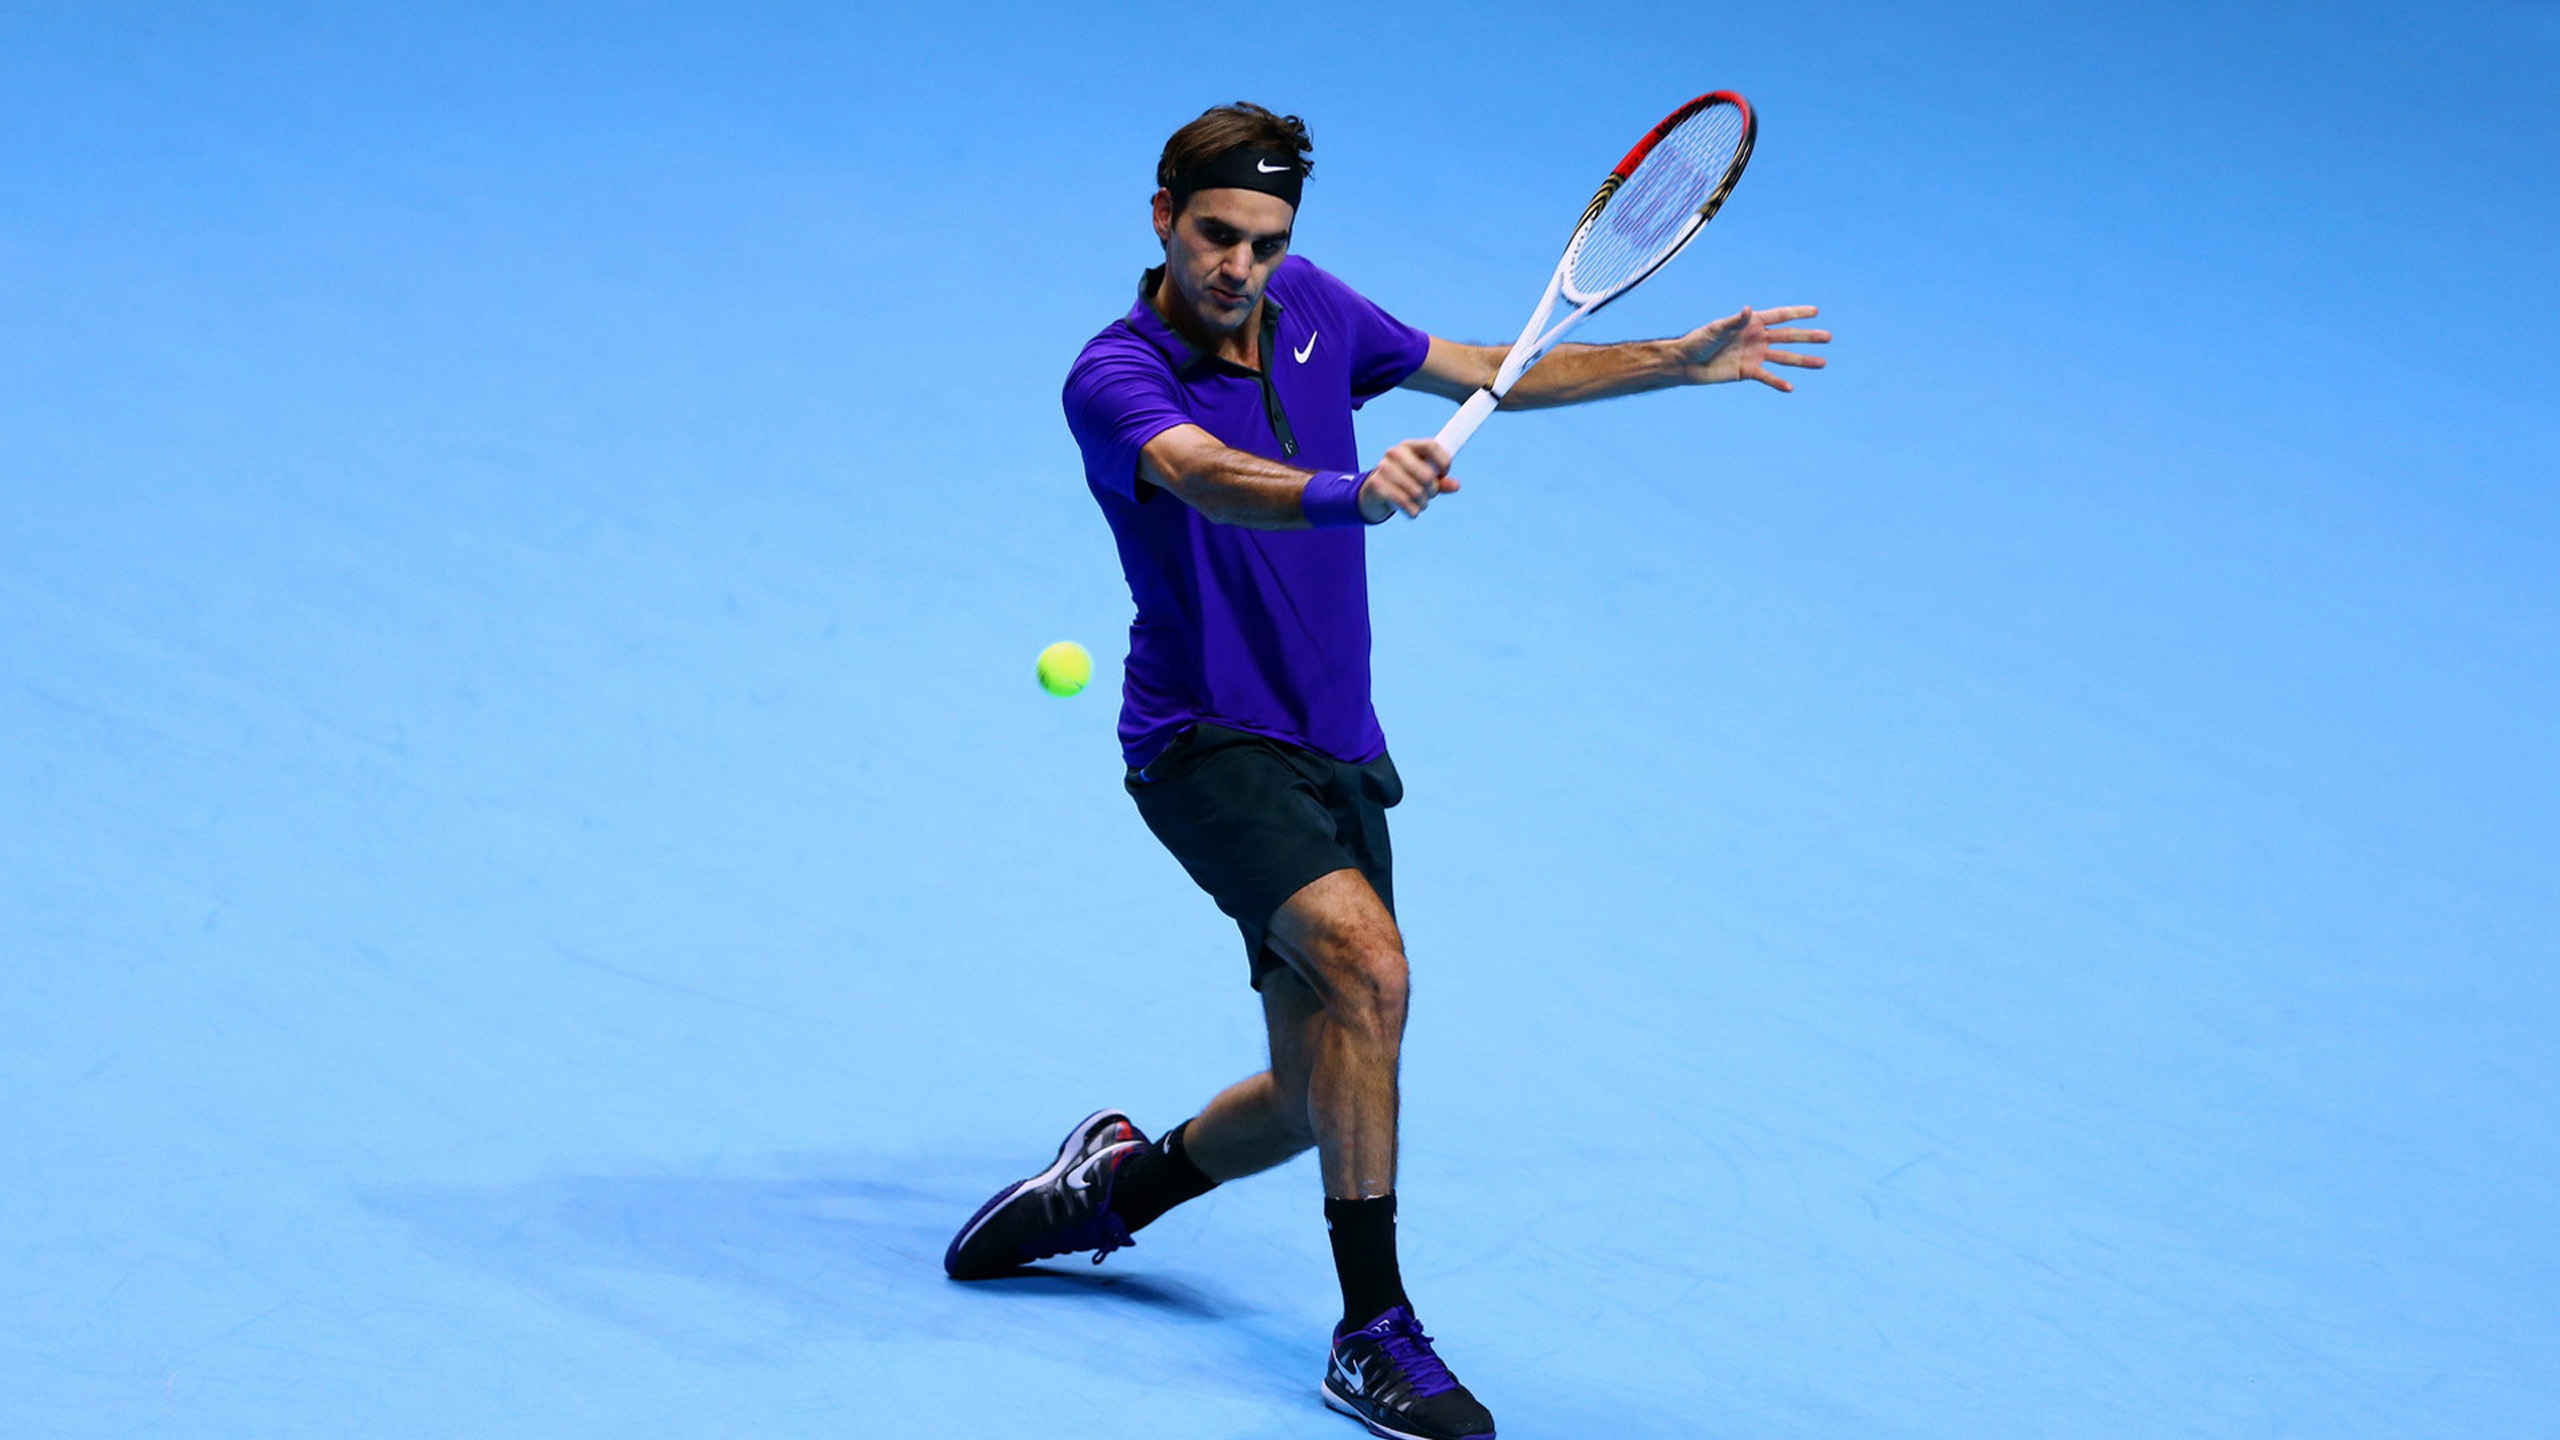 Roger Federer Wallpaper Hd 2560x1440 Download Hd Wallpaper Wallpapertip